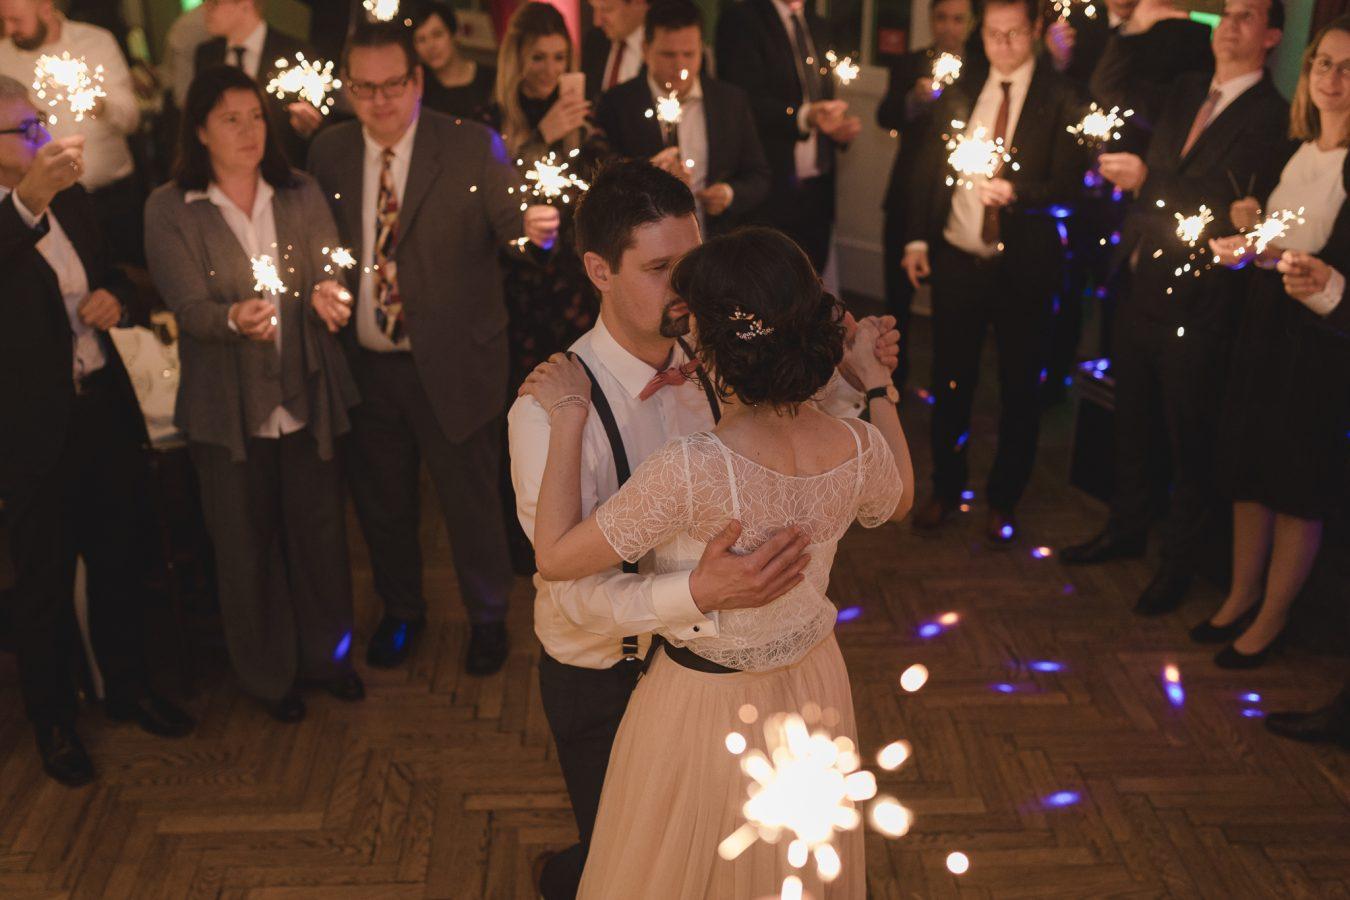 Hochzeitsfotograf Hamburg - Brautpaar beim Eröffnungstanz mit Wunderkerzen